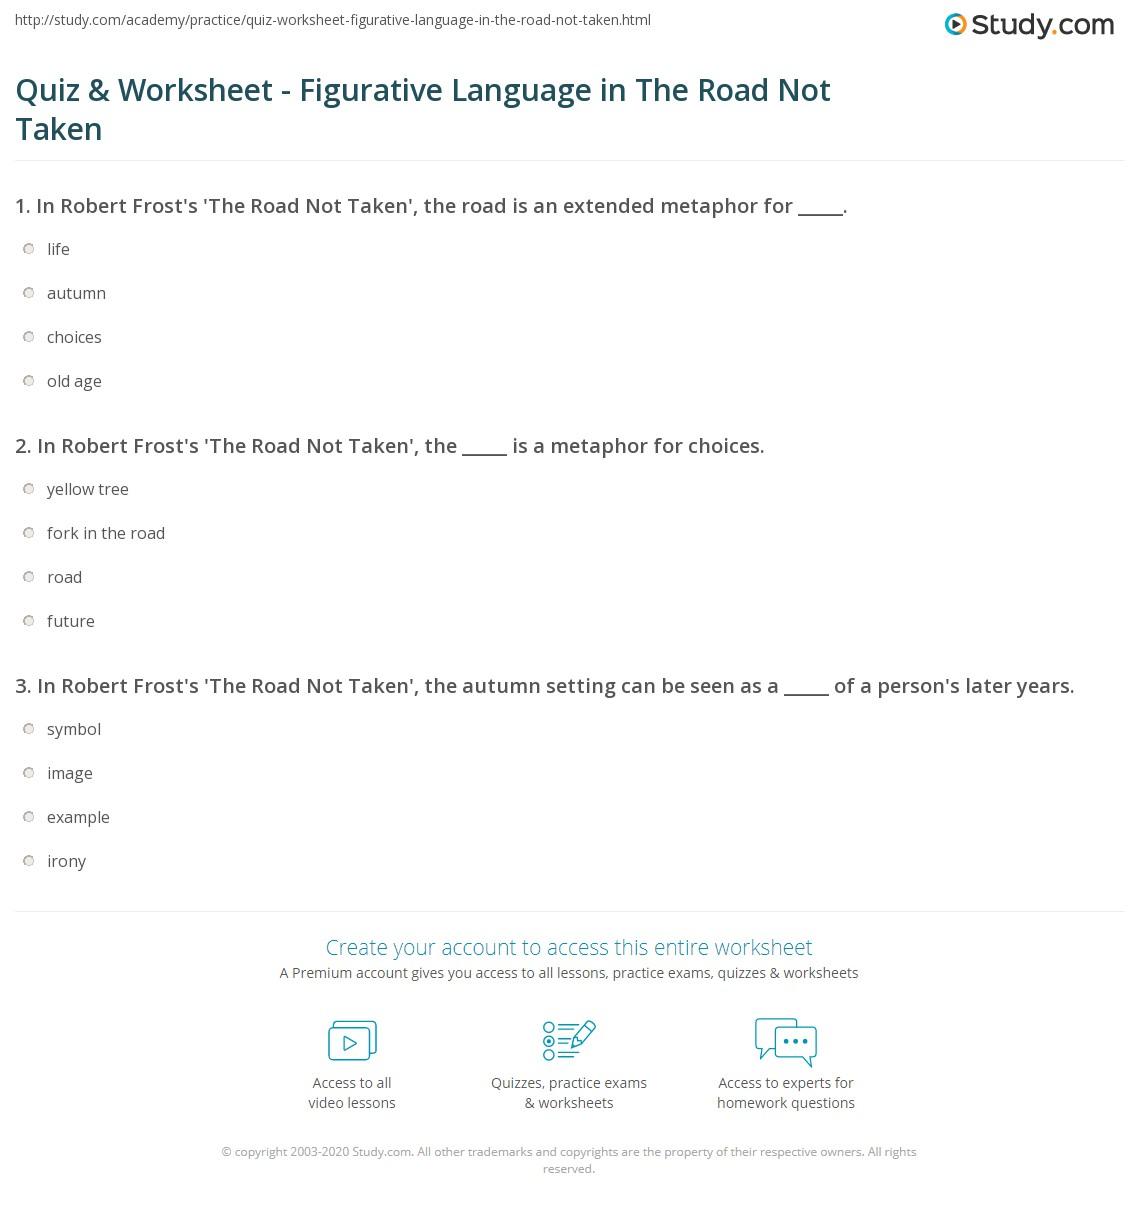 The Road Not Taken Worksheet